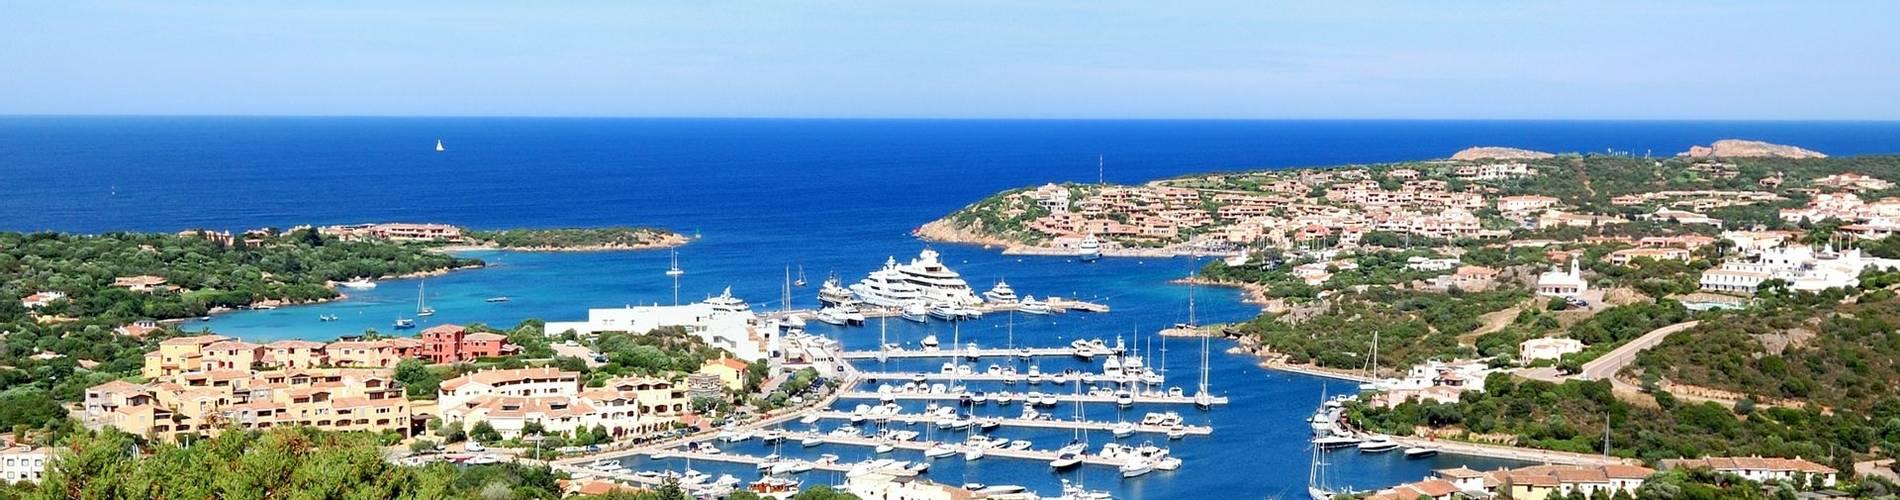 Sardinia Intro Image.jpg